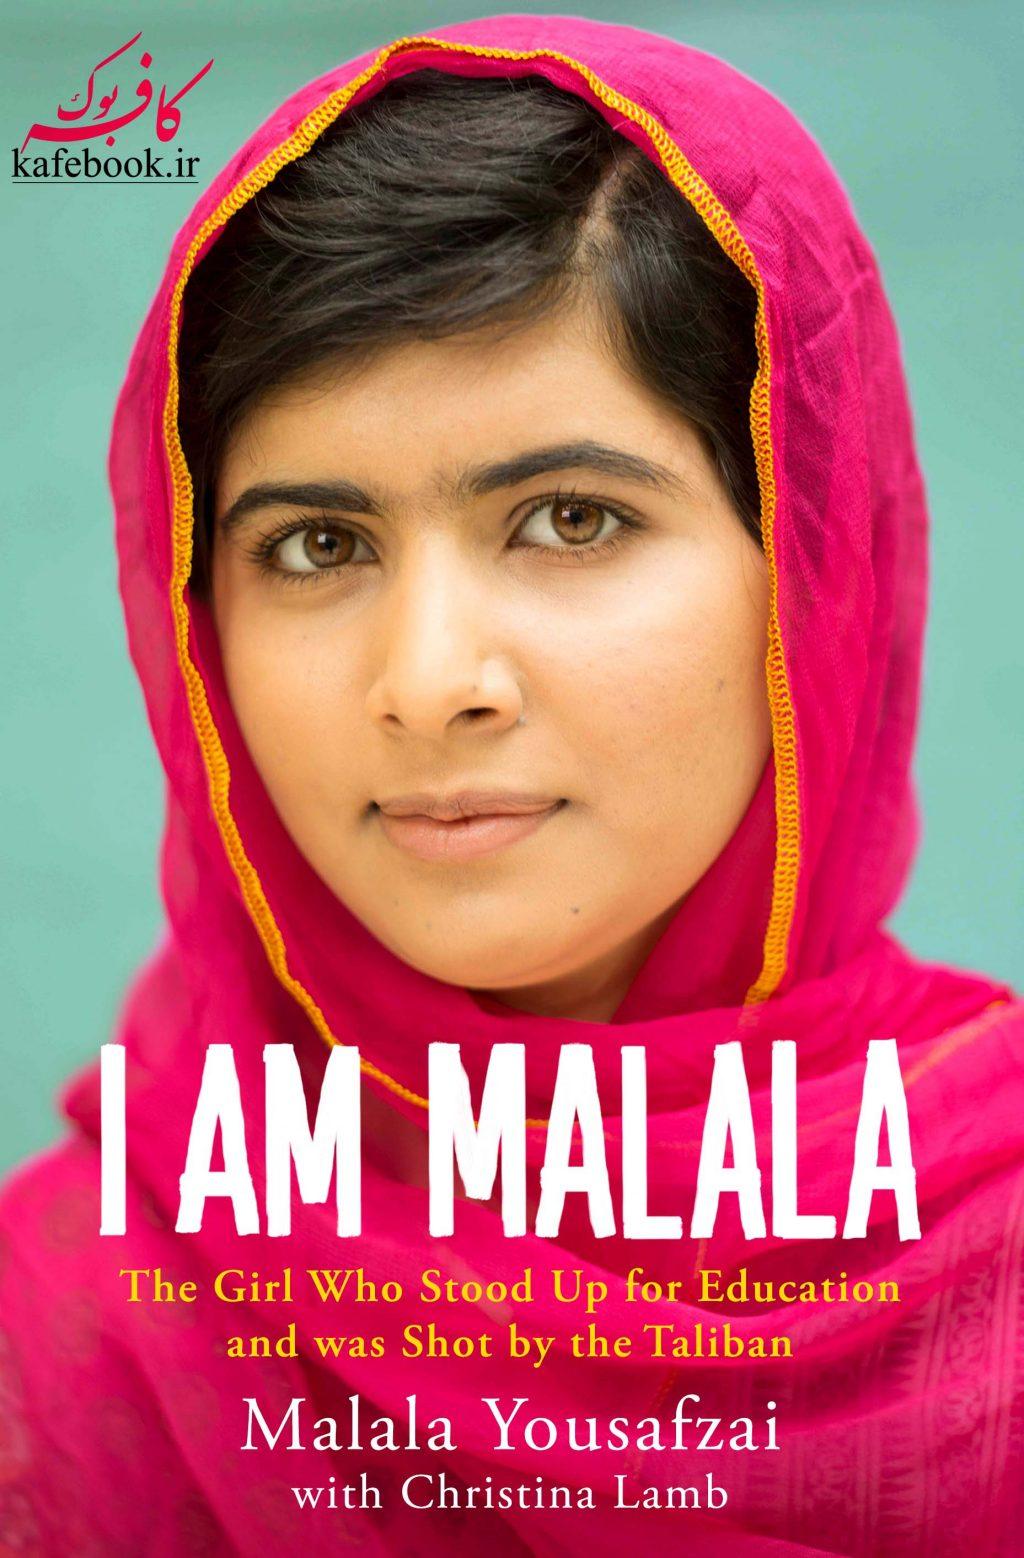 کتاب من ملاله هستم - نویسنده کتاب من ملاله هستم روی جلد کتاب - معرفی کتاب من ملاله هستم در کافه بوک